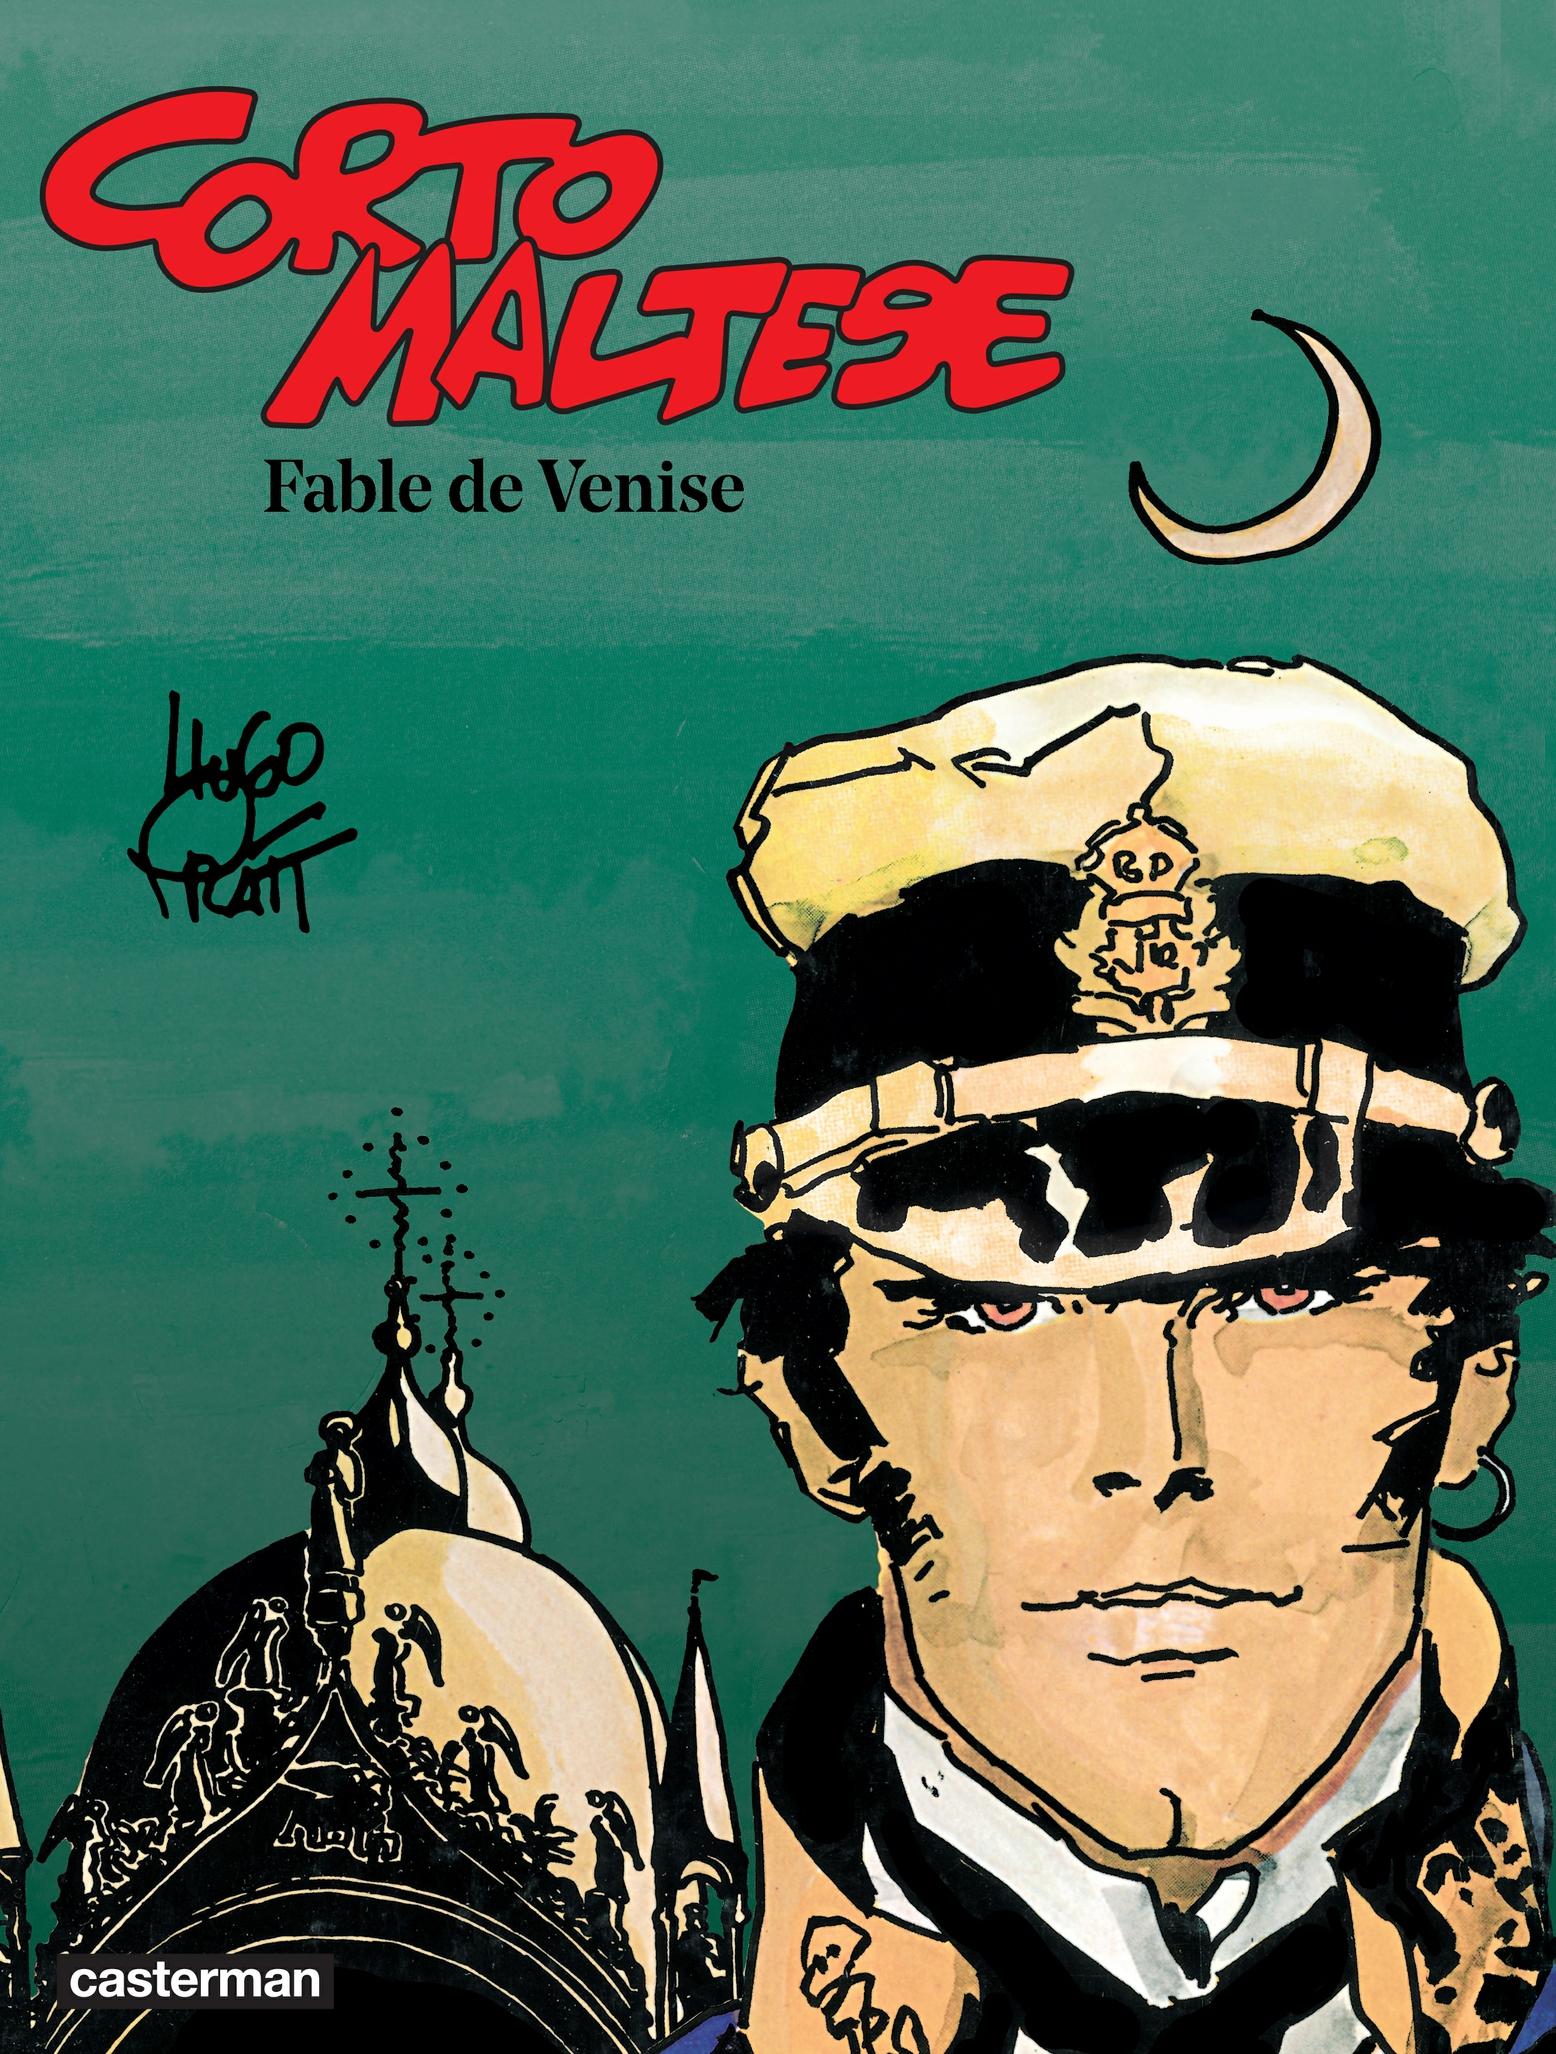 Corto Maltese (Tome 7) - Fable de Venise